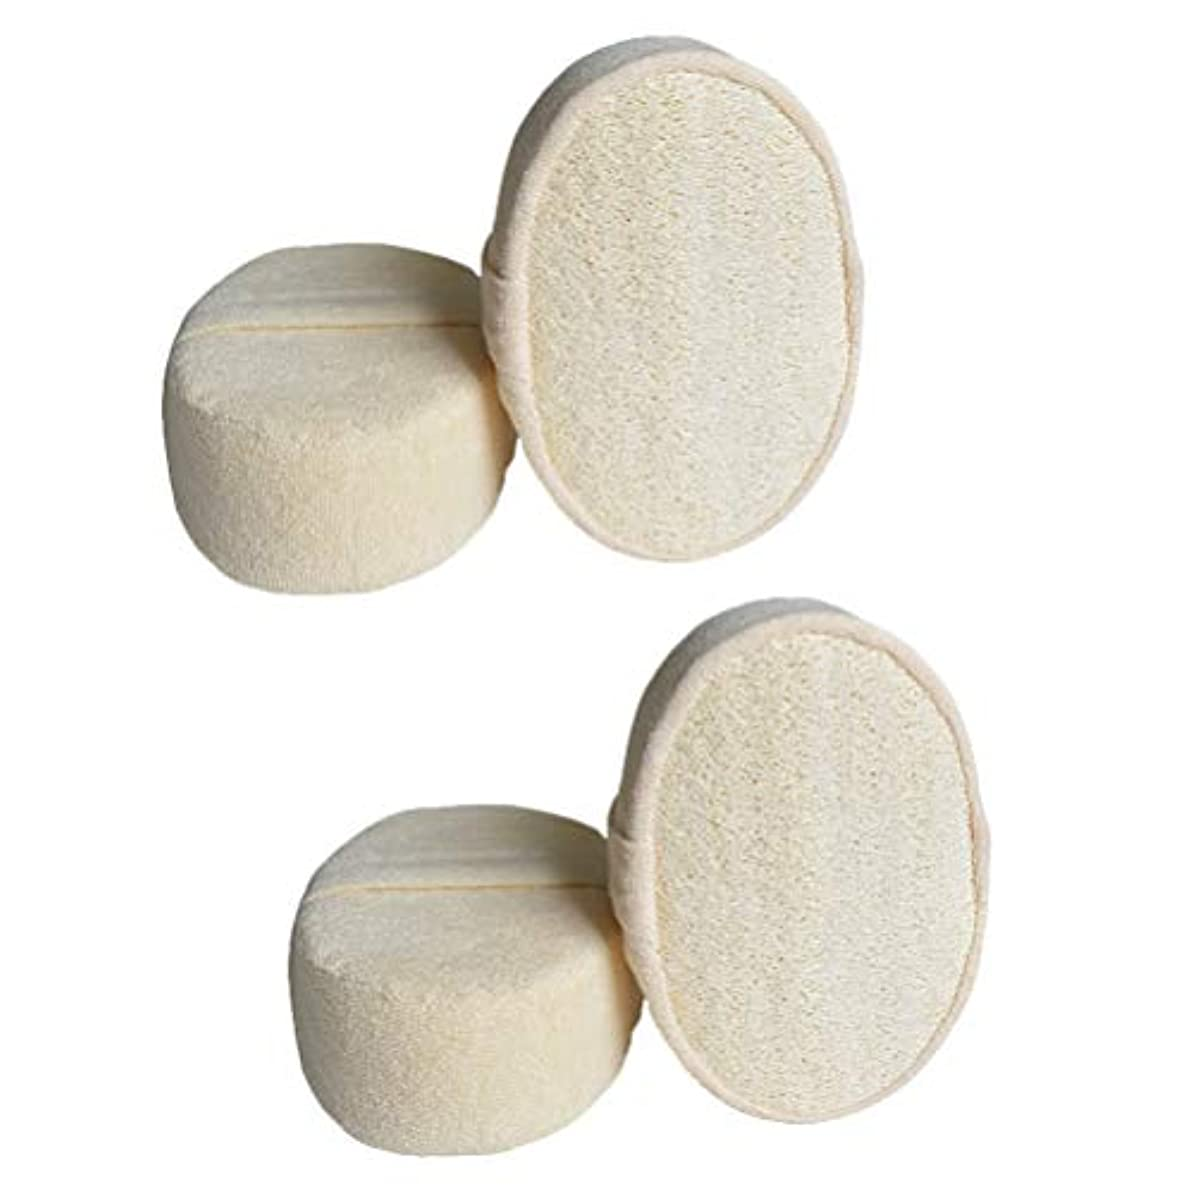 不信スリット海上Healifty 4ピース剥離剥離剤パッドloofaスポンジスクラバーブラシ用風呂スパシャワー